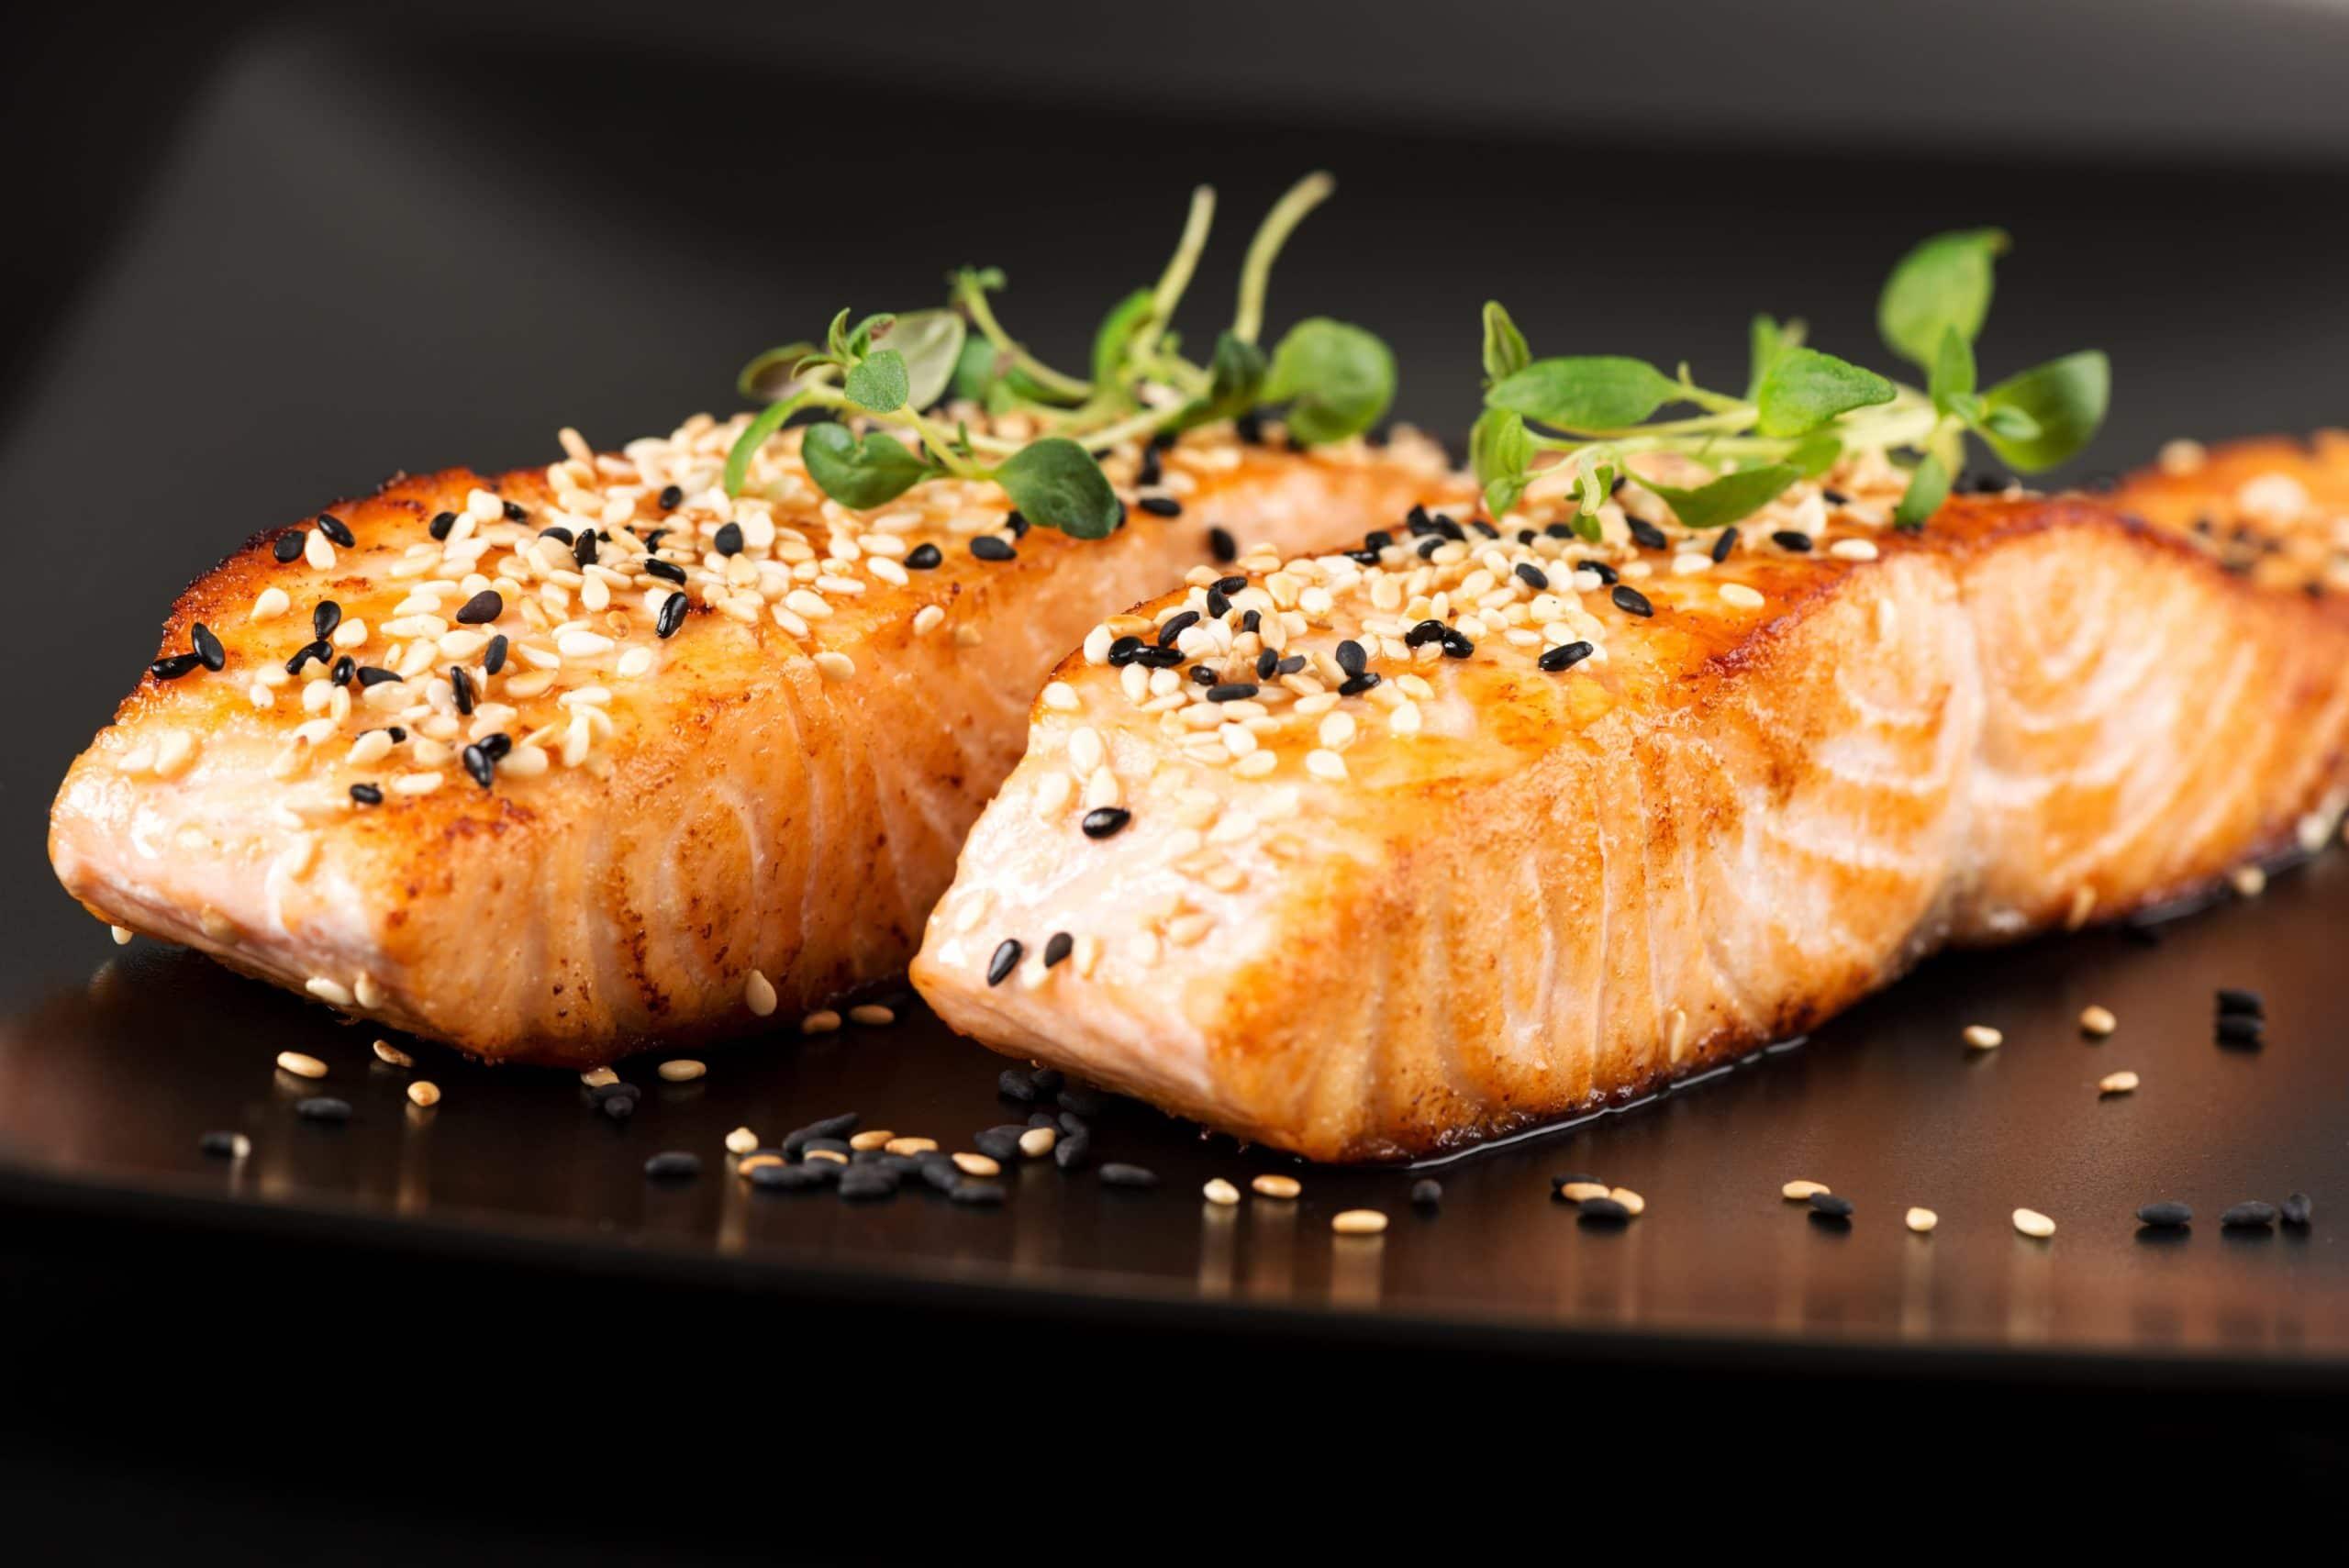 La cocina a baja temperatura es una tendencia gastronómica saludable